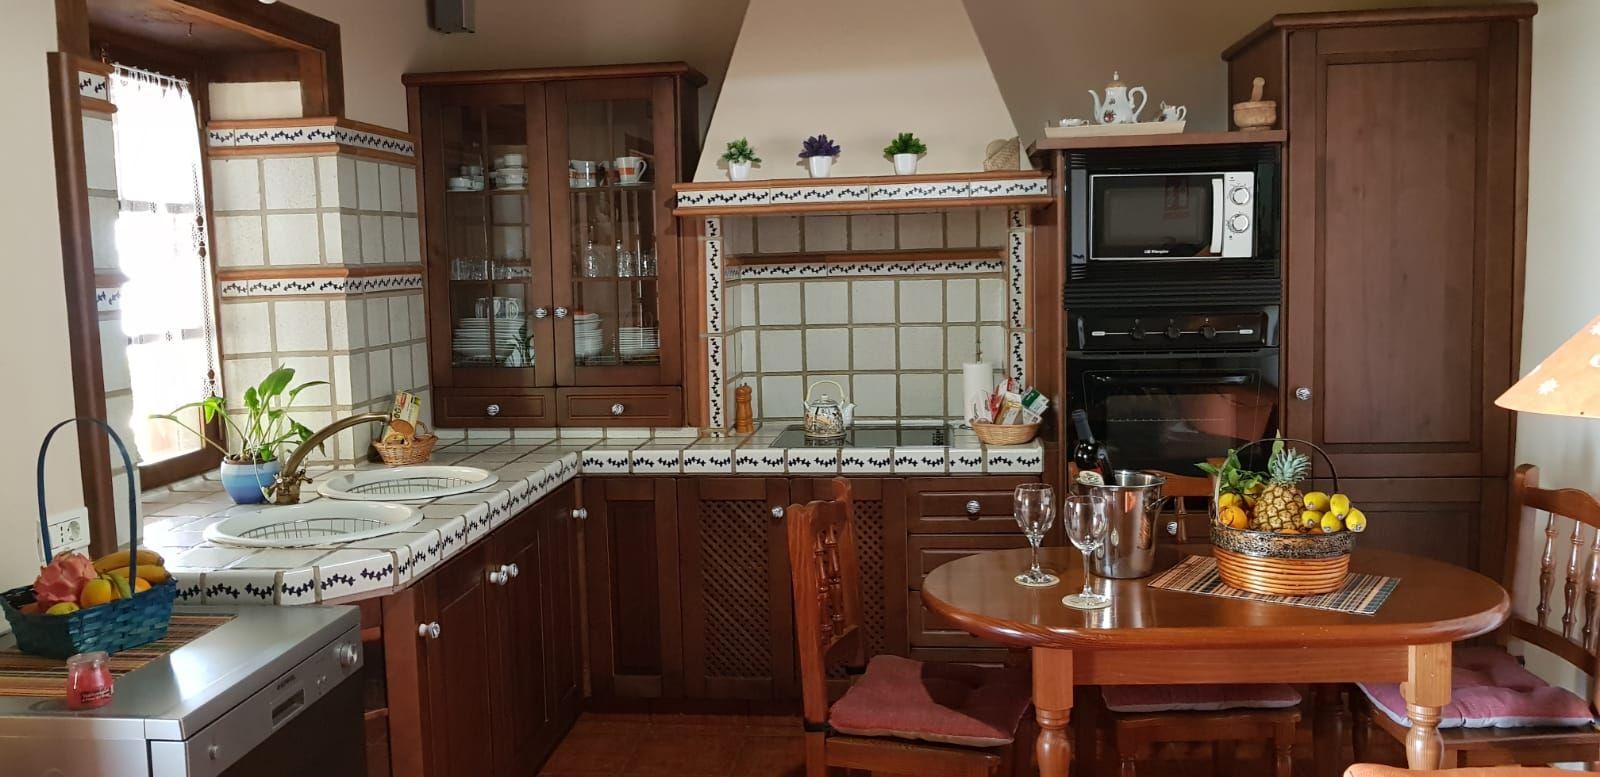 Rustic kitchen of Villa Alicia, Puntagorda